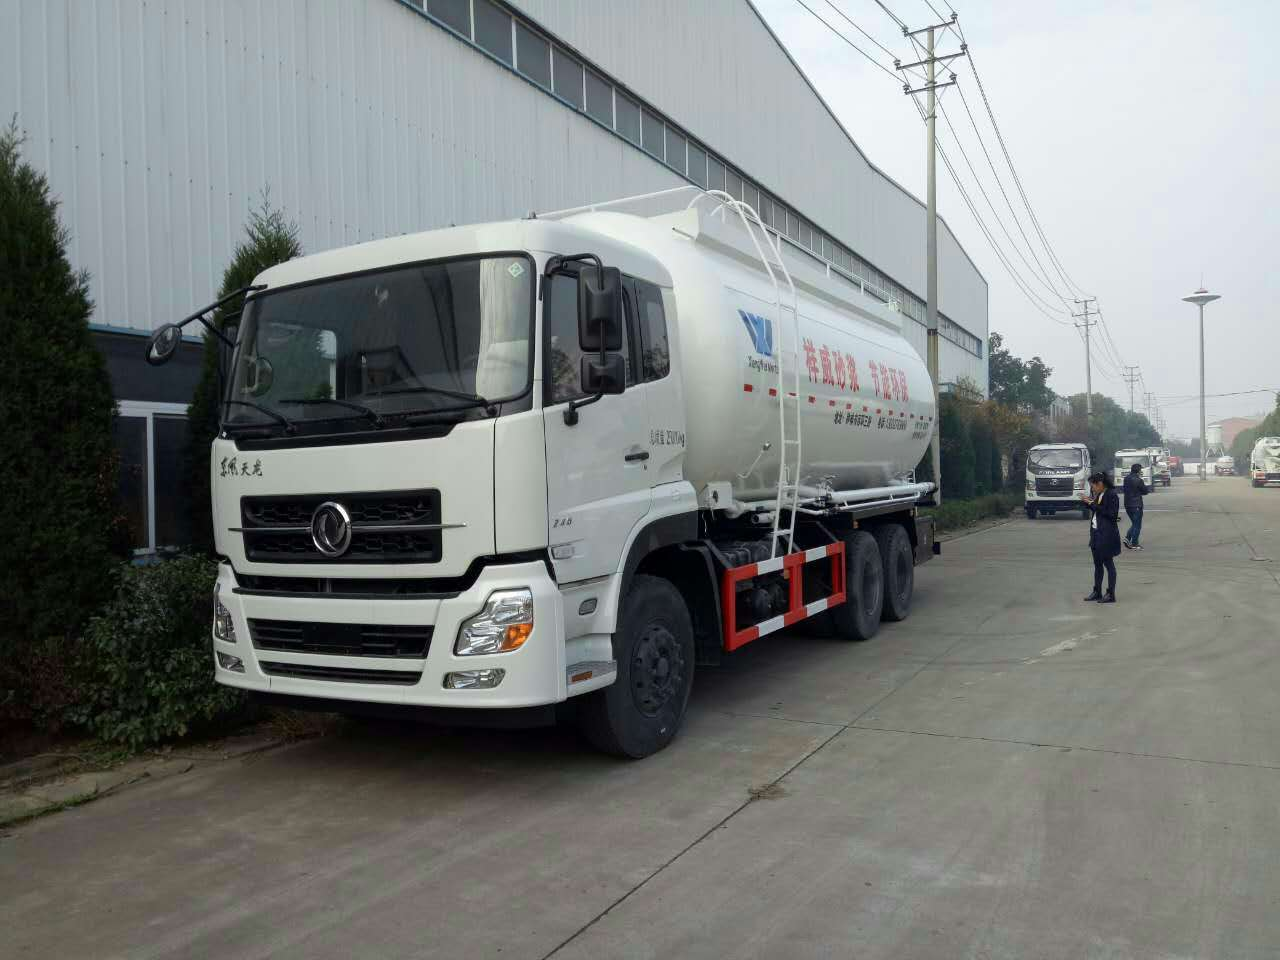 东风天龙散装干混砂浆物料运输车:节能环保效率高!